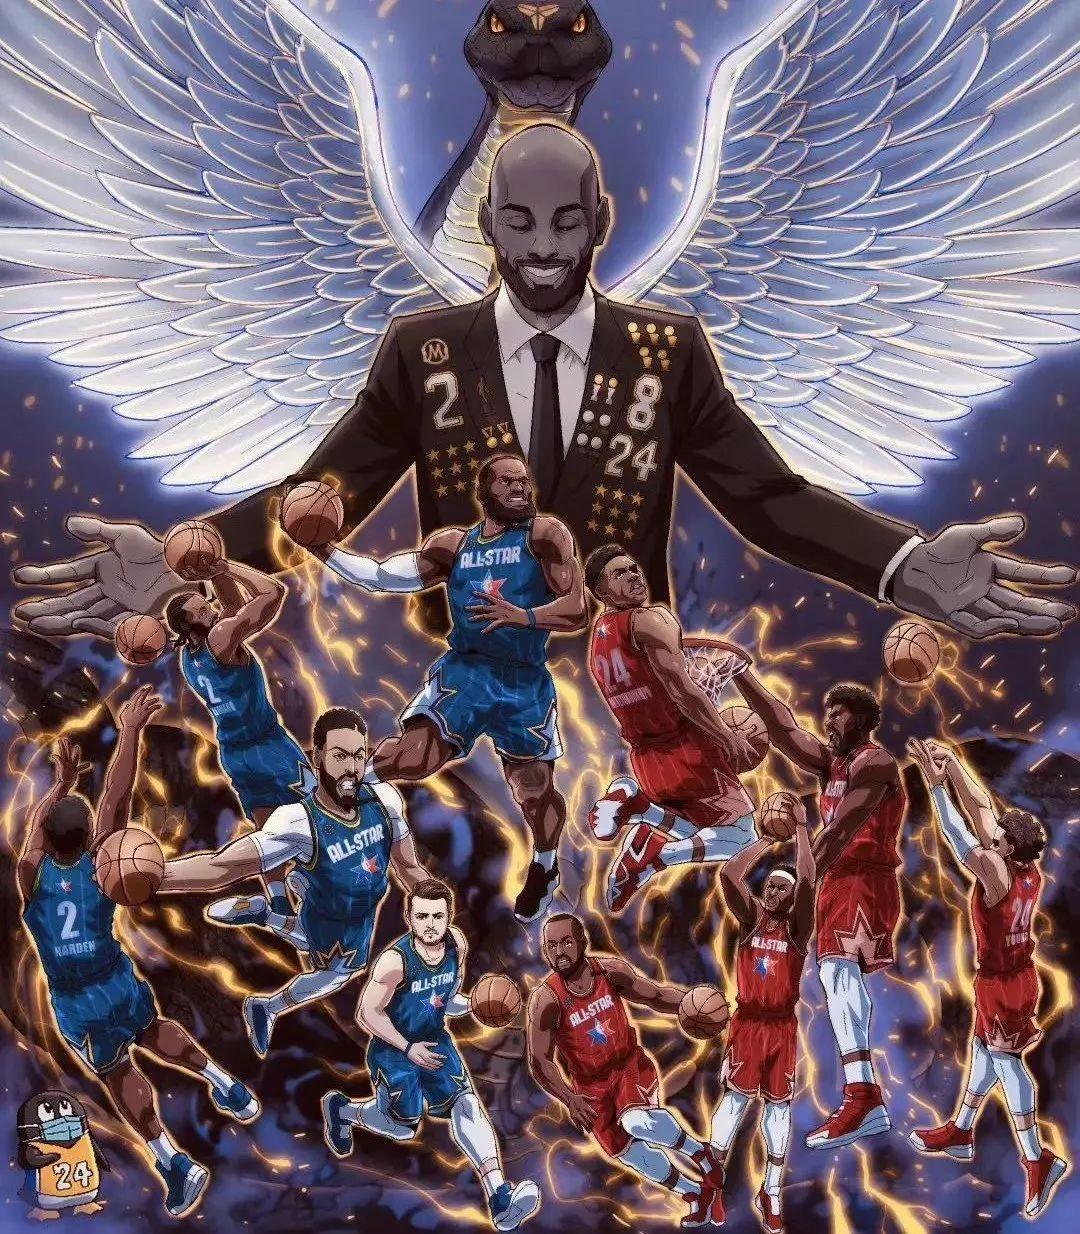 科比拯救全明星赛之余,为NBA在华破冰送出最后的助攻